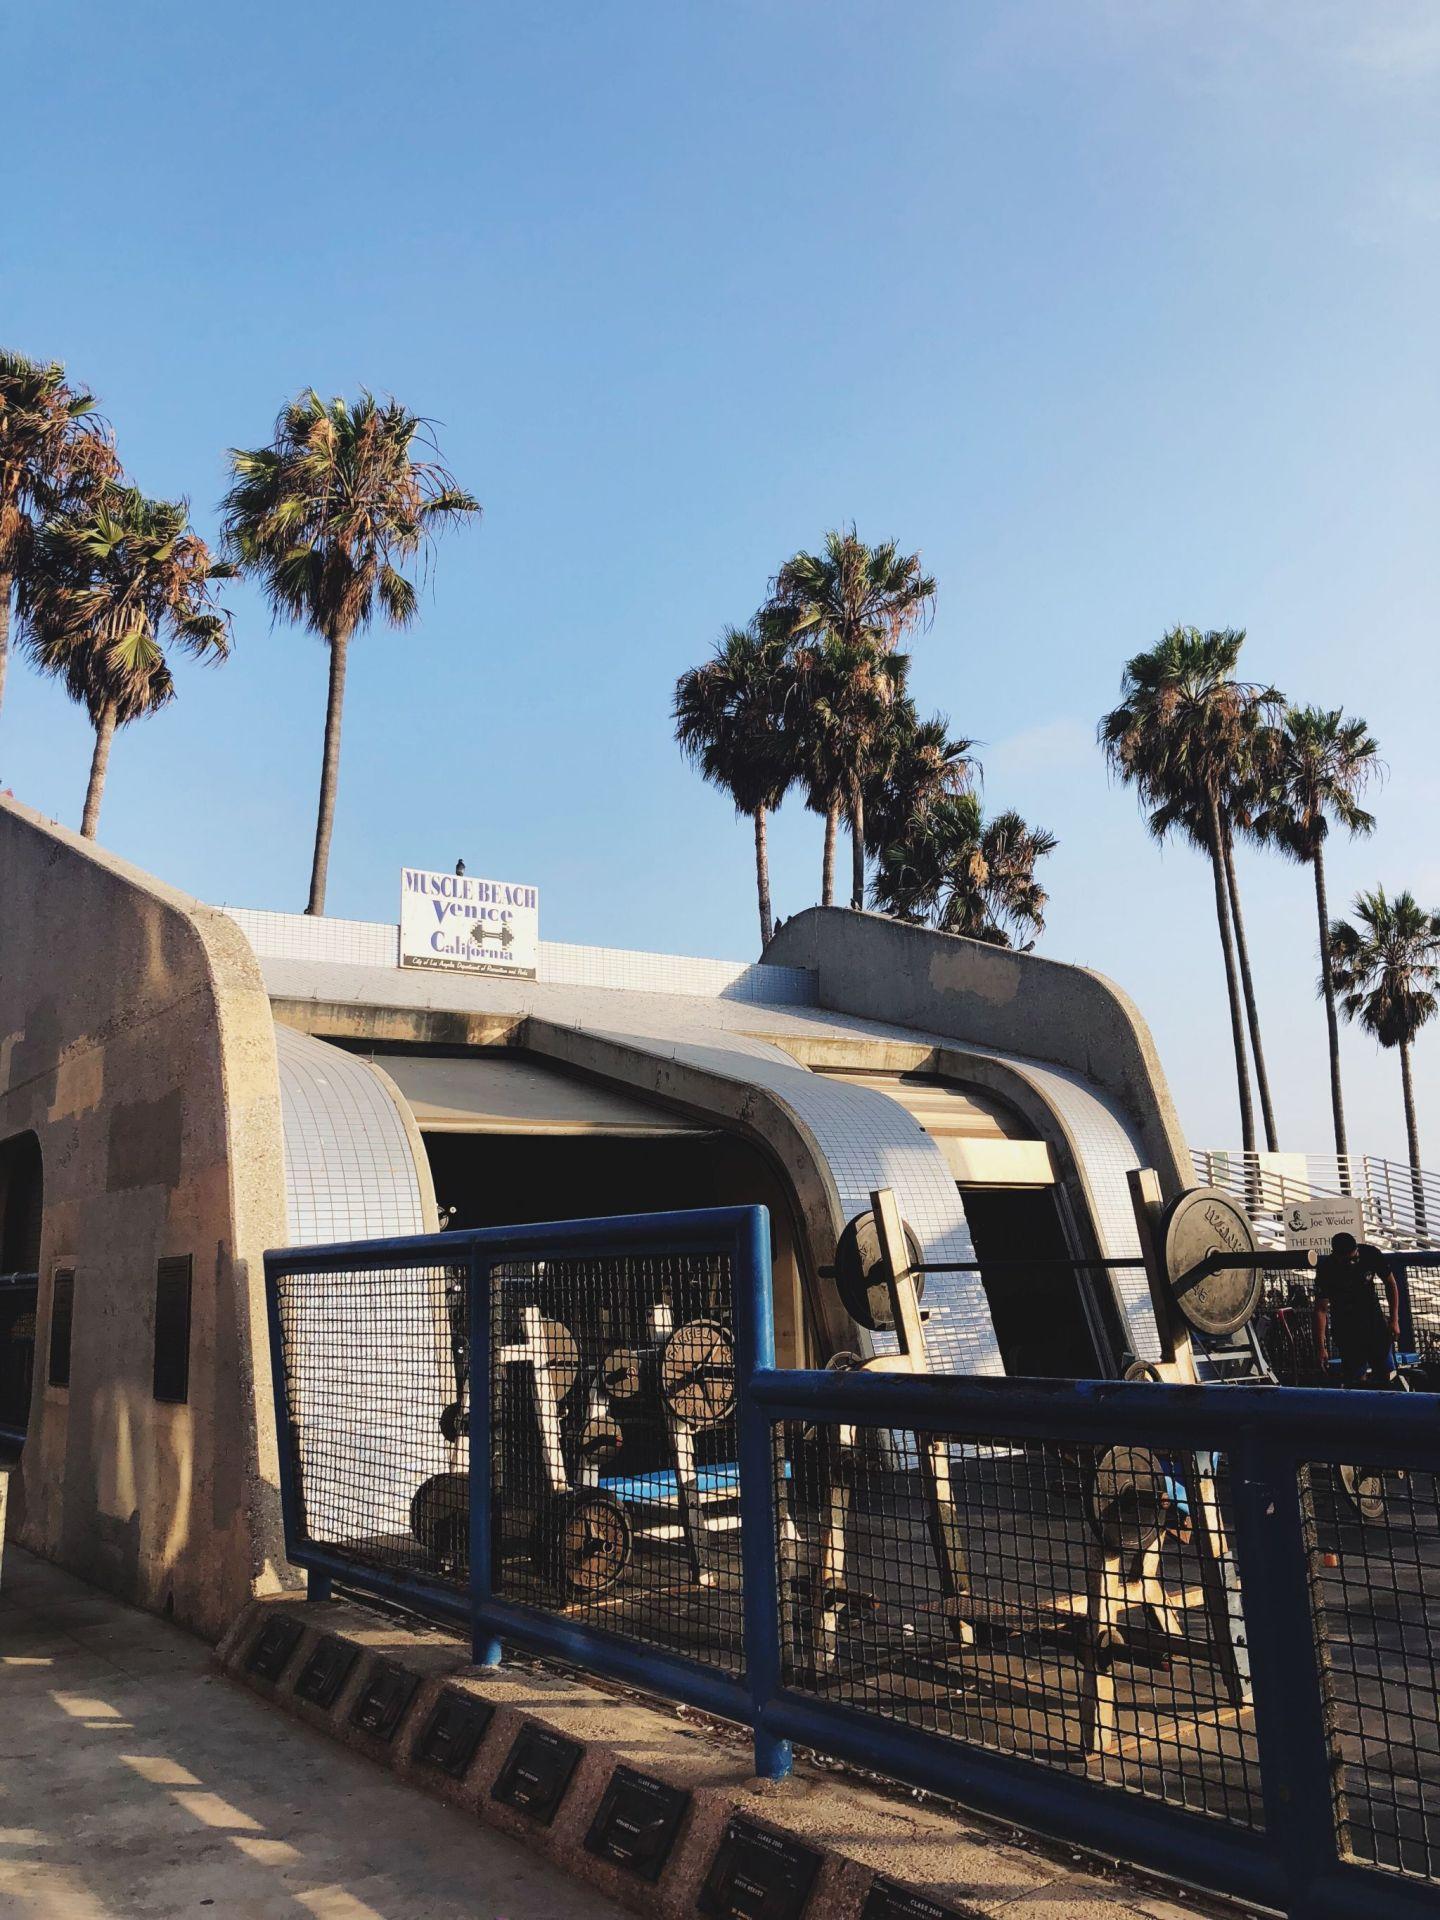 Los Angeles Tipps und Empfehlungen - Muscle Beach Venice - Reiseblog ü 40